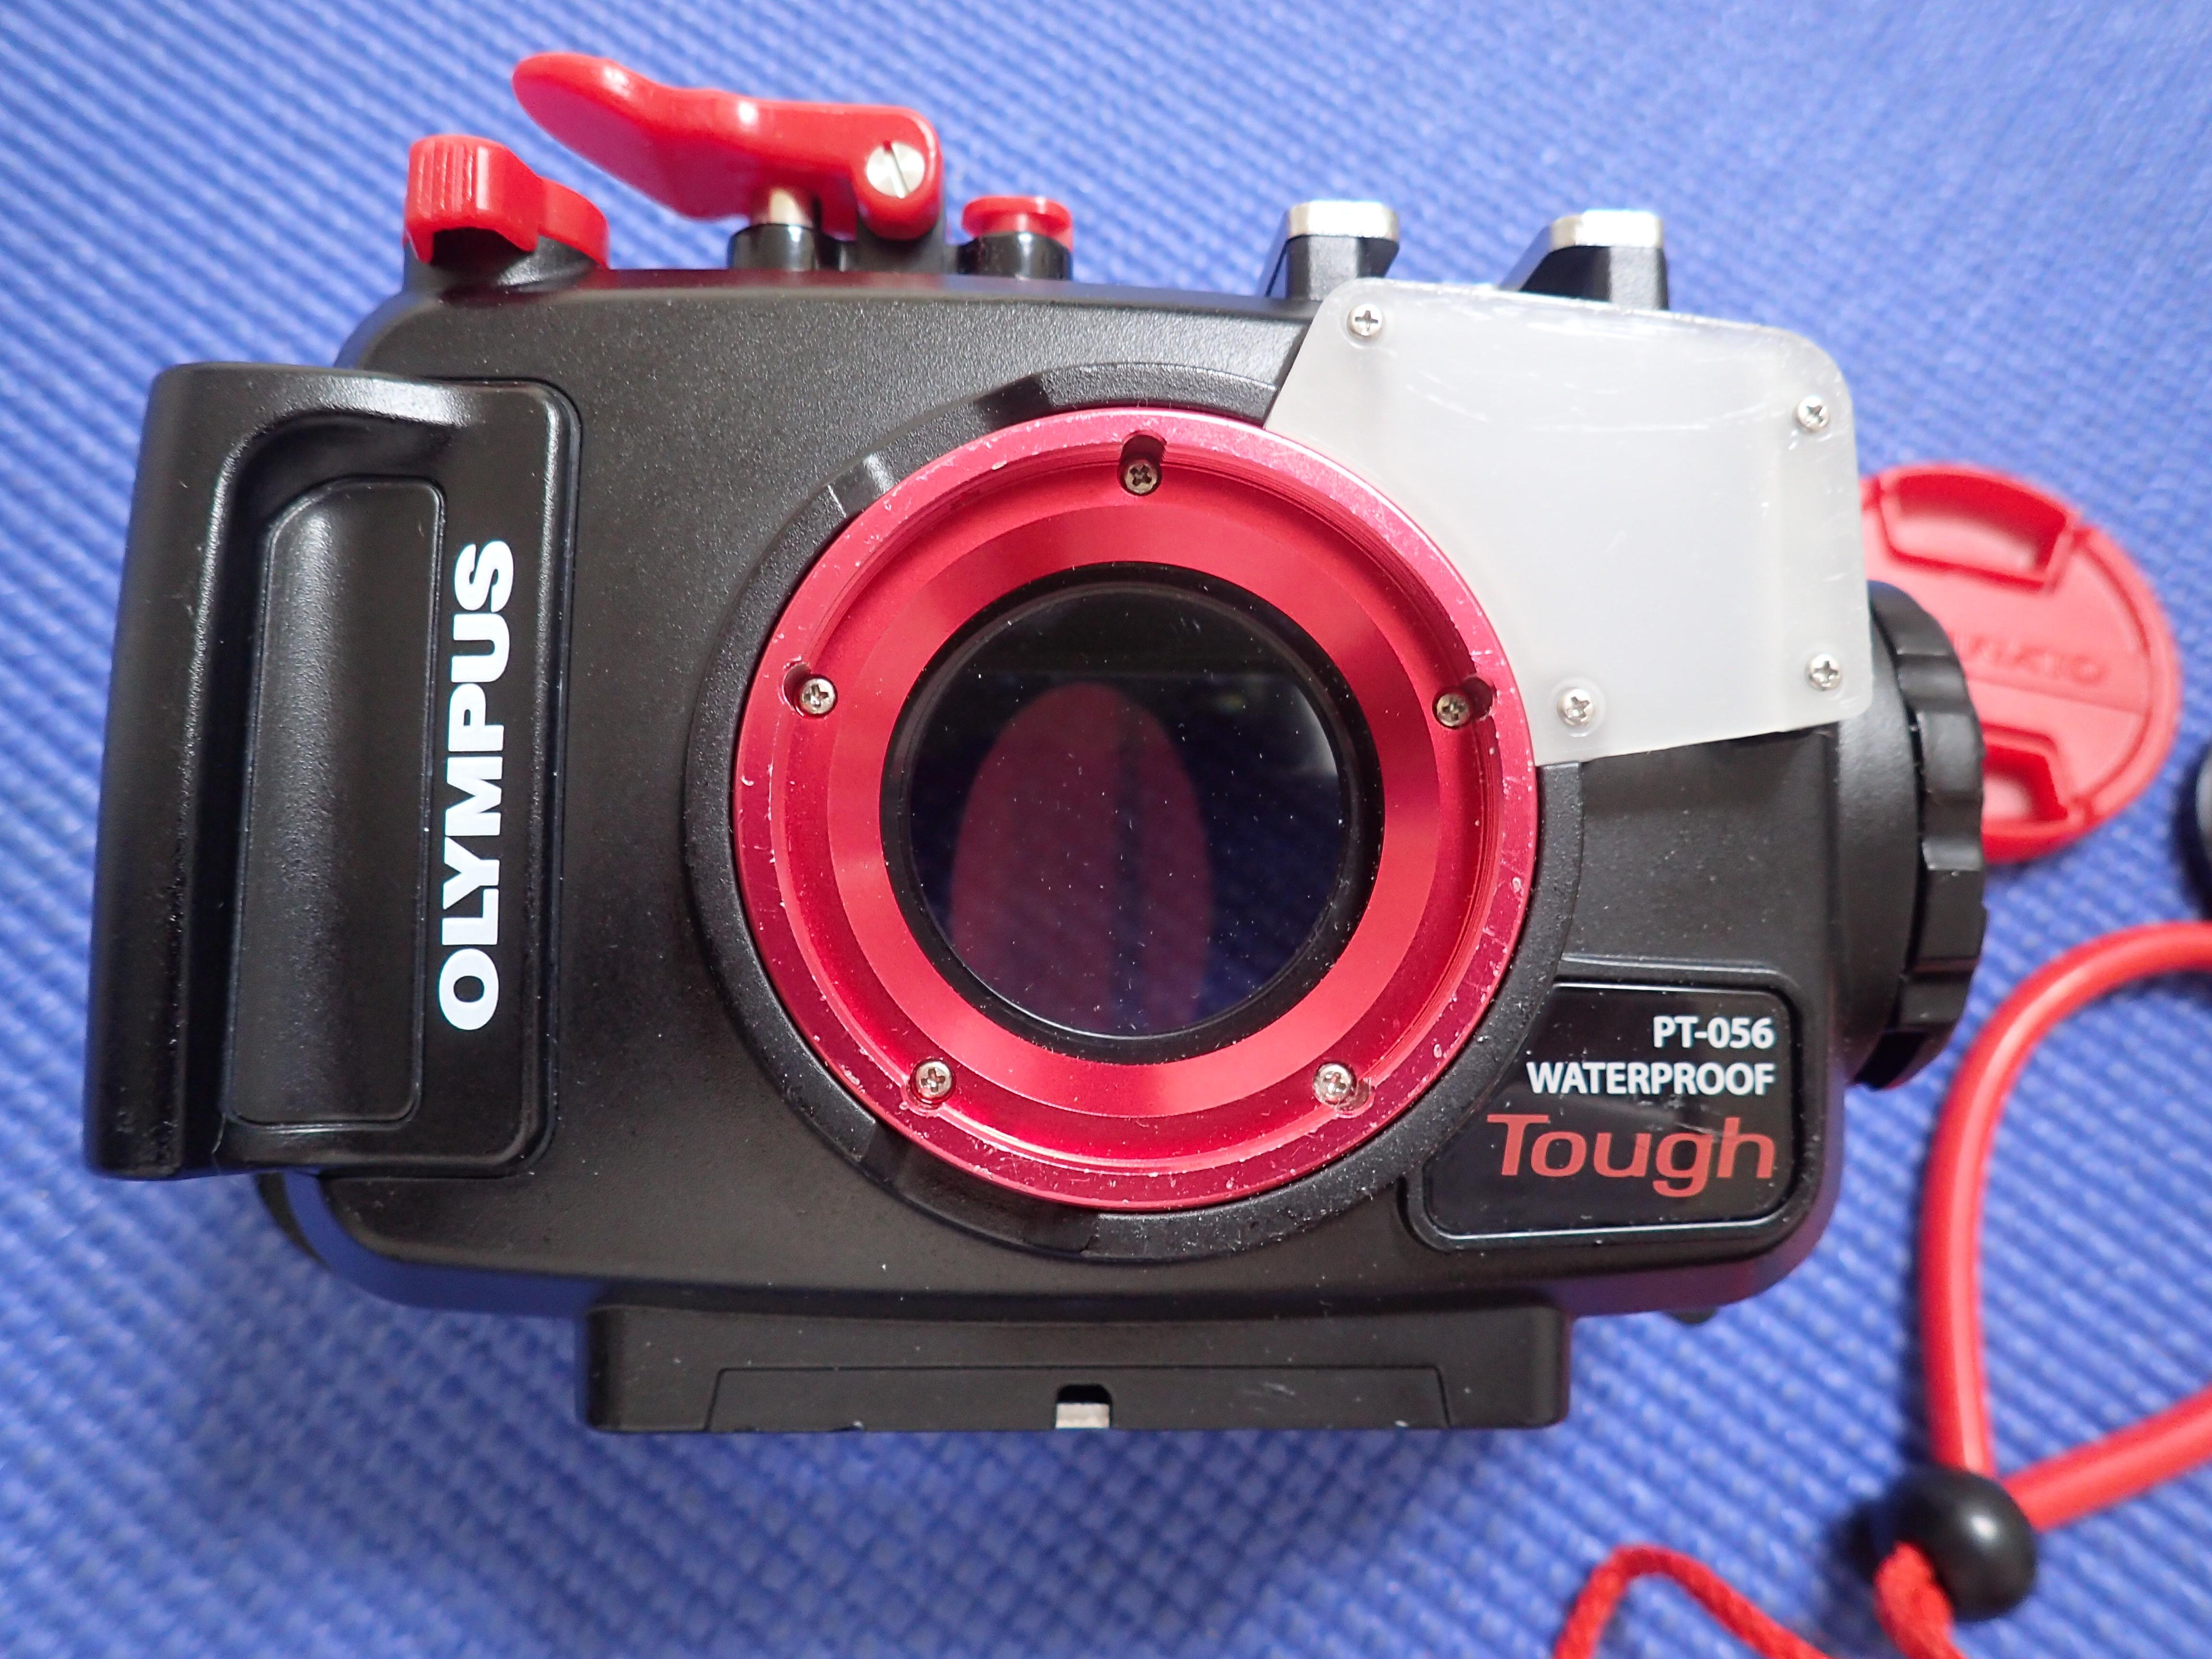 中古水中カメラ機材 オリンパス PT-056 防水プロテクター